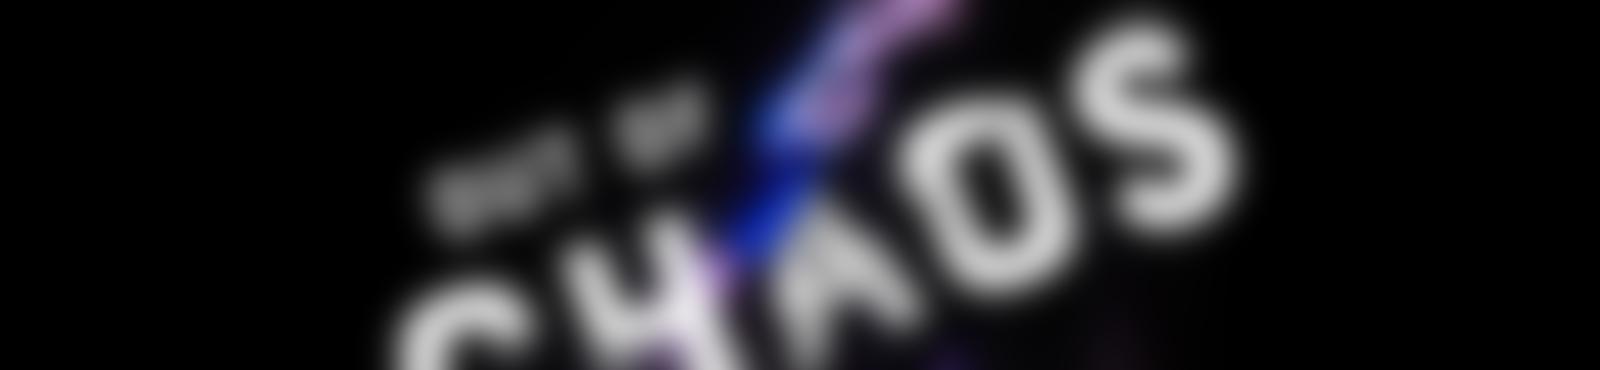 Blurred 14b65961 7519 4a9d 88c3 60be38c858dc